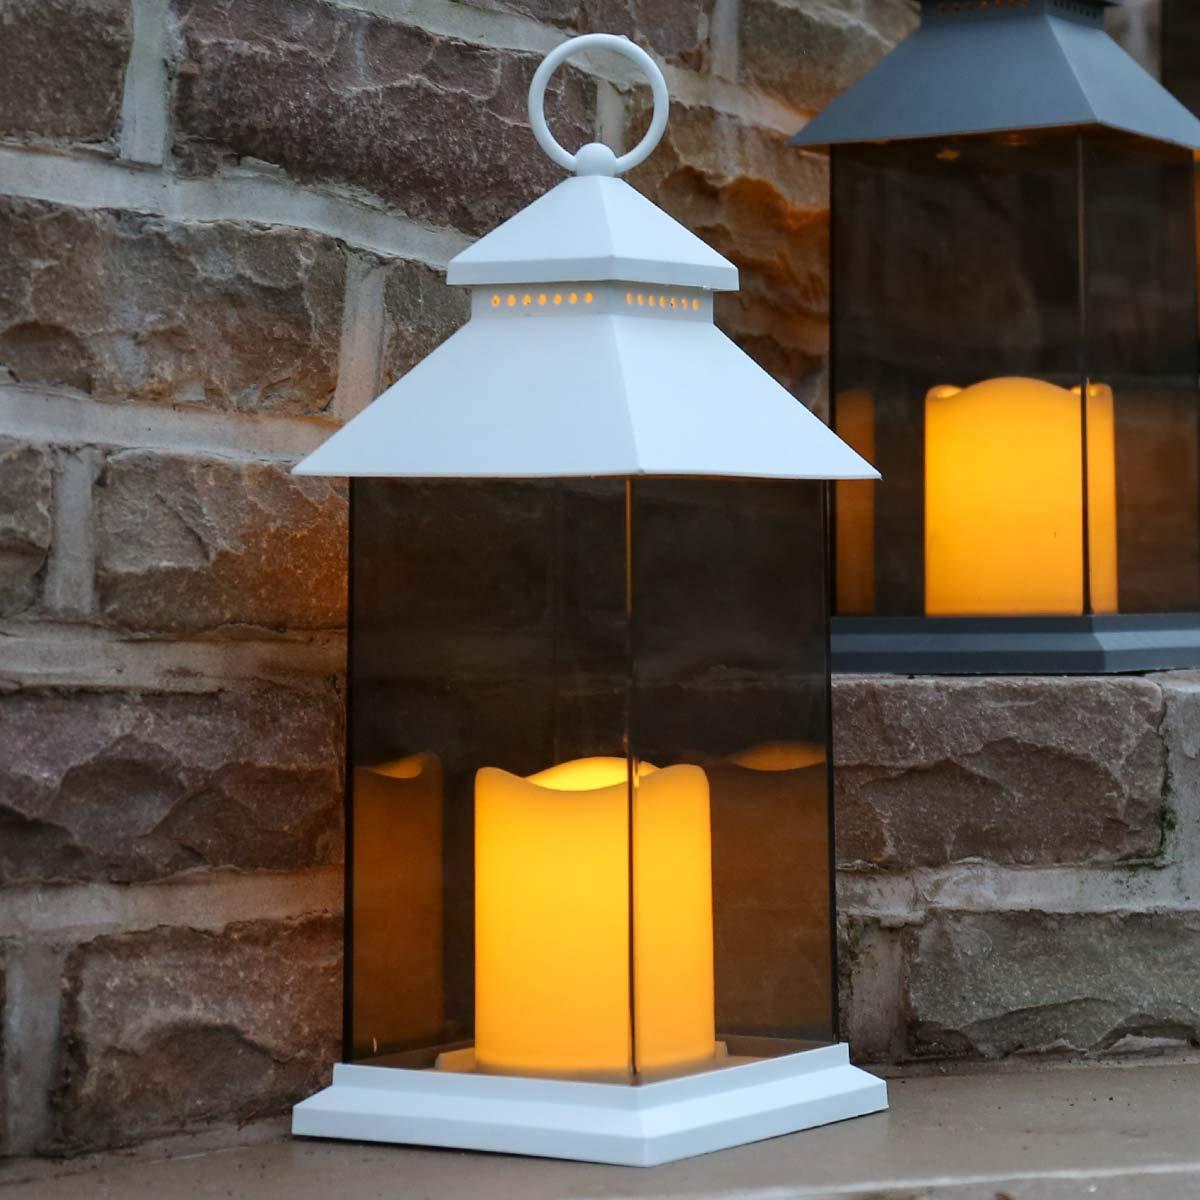 Paroi Incassable Effet Verre Teint/é Waterproof Lanterne avec Bougie LED /à Piles D/écoration Int/érieure//Ext/érieure Blanc, 31cm Gris Morderne et /Él/égante par Festive Lights Noir ou Blanc